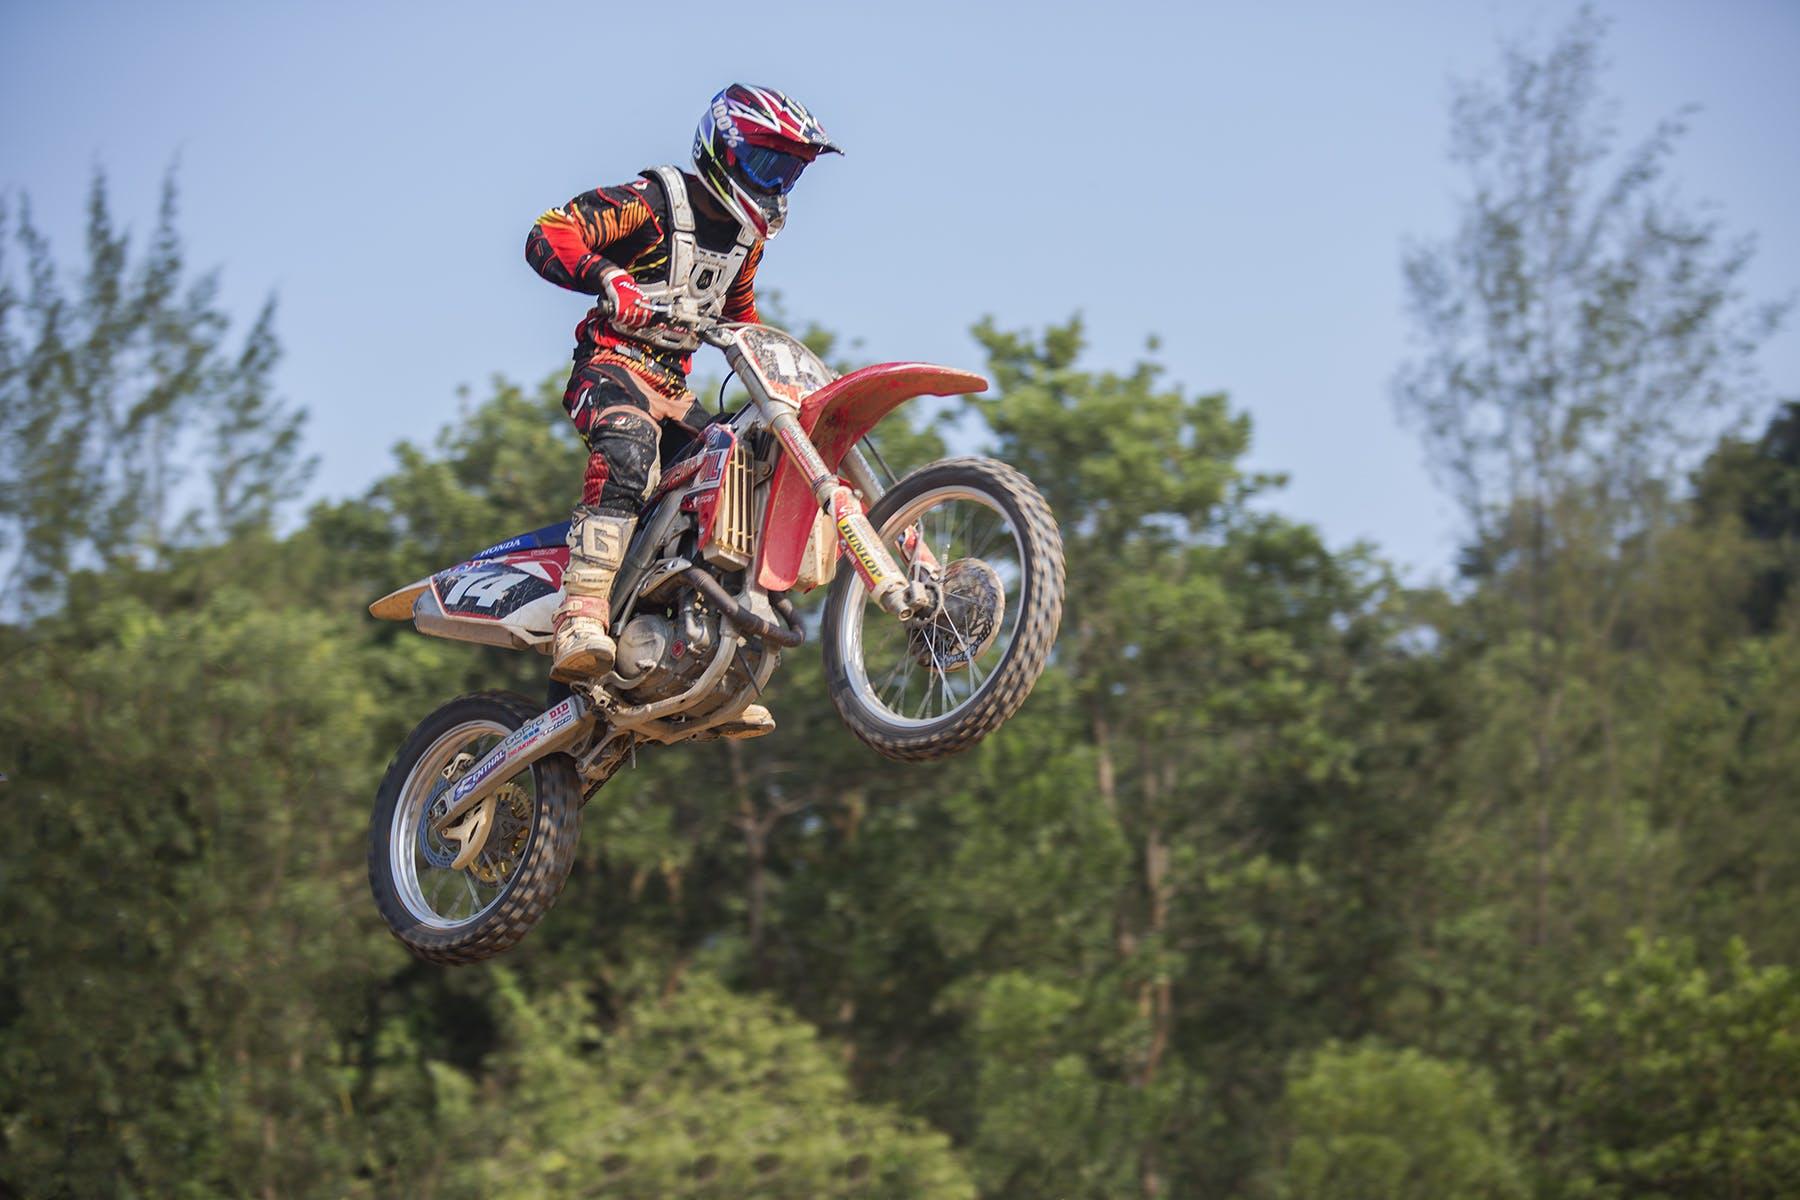 action, adventure, bike rider